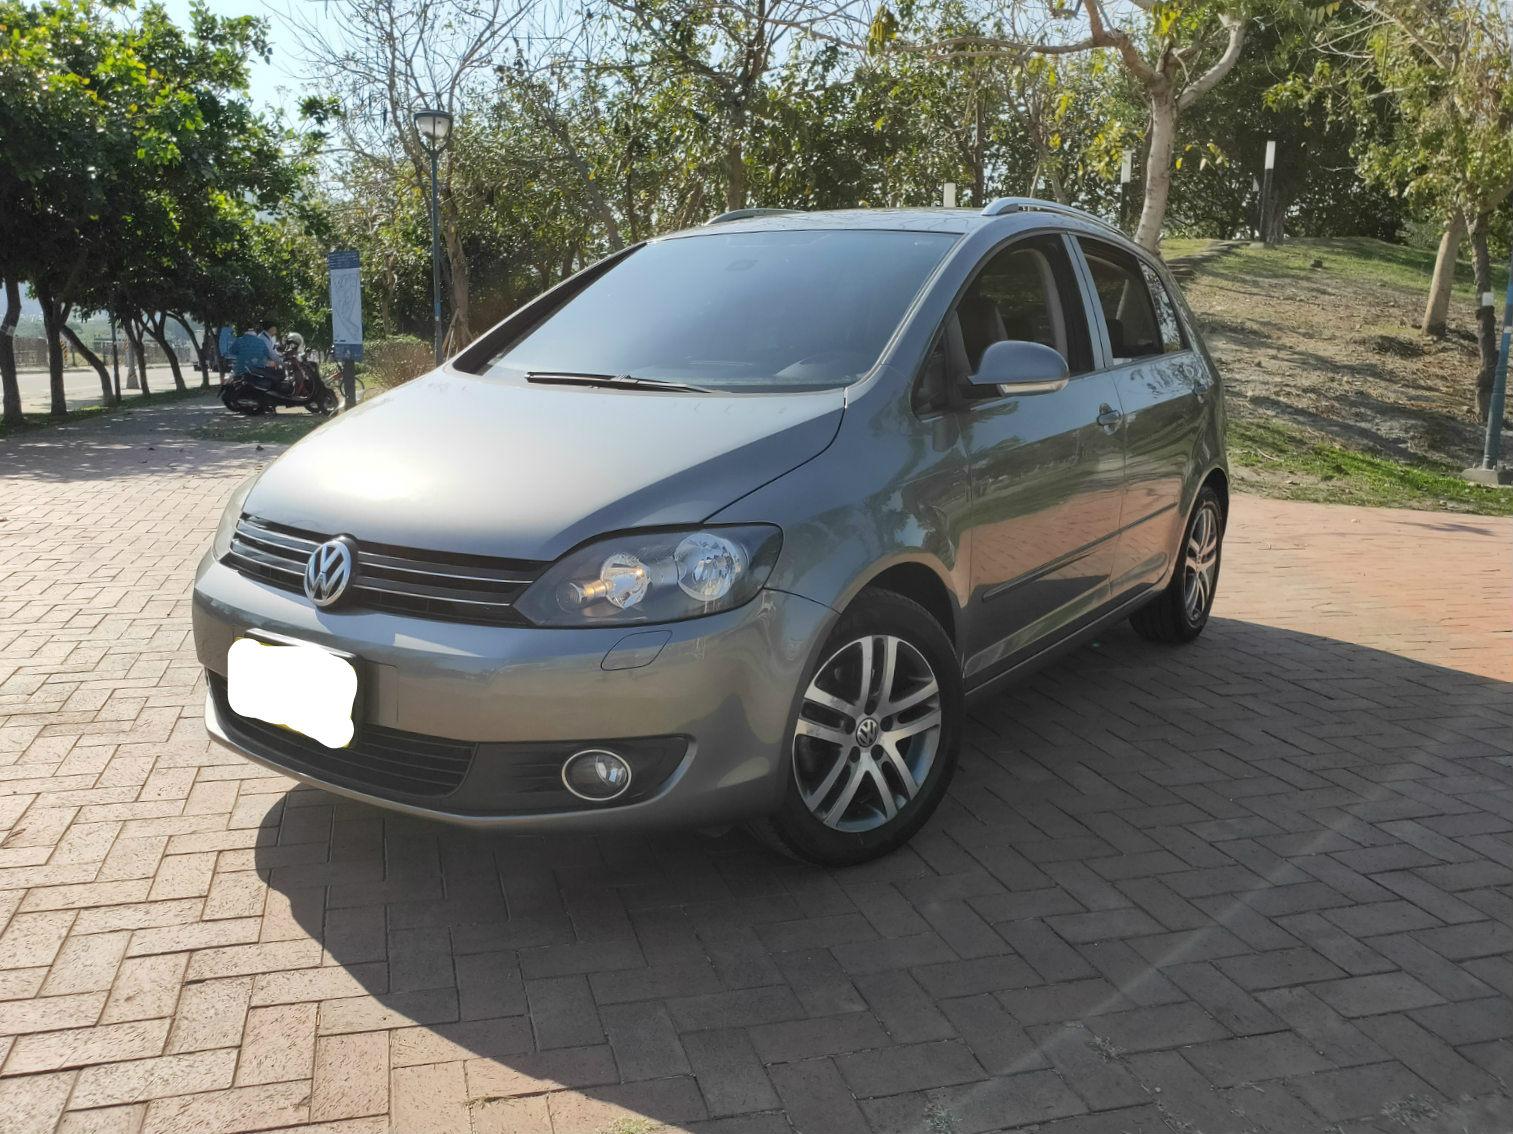 2011 Volkswagen 福斯 Golf Plus